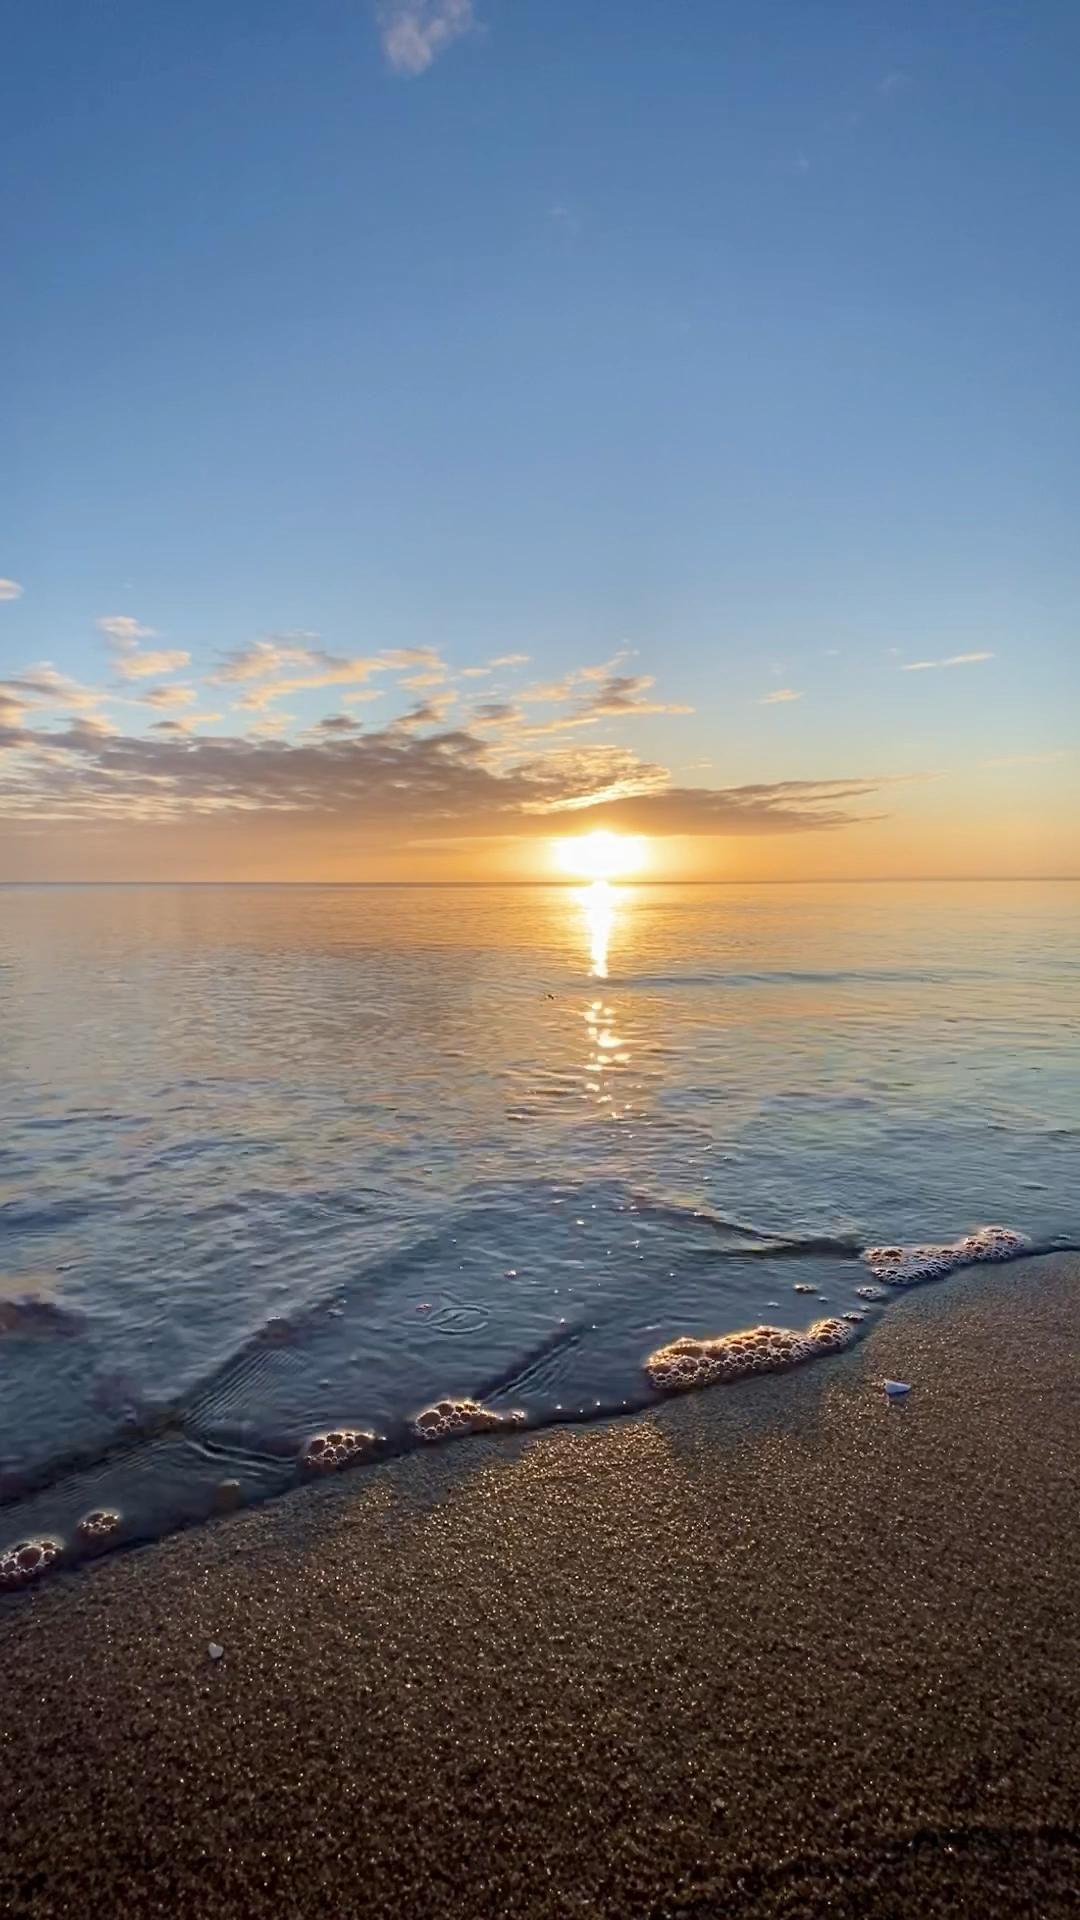 Sonnenaufgang in Scharbeutz an der Lübecker Bucht, Ostsee. #sonnenaufgang #luebeckerbucht #scharbeutz #norddeutschland #ostsee #ostseeküste #meeresrauschen #fernweh #ostseeurlaub